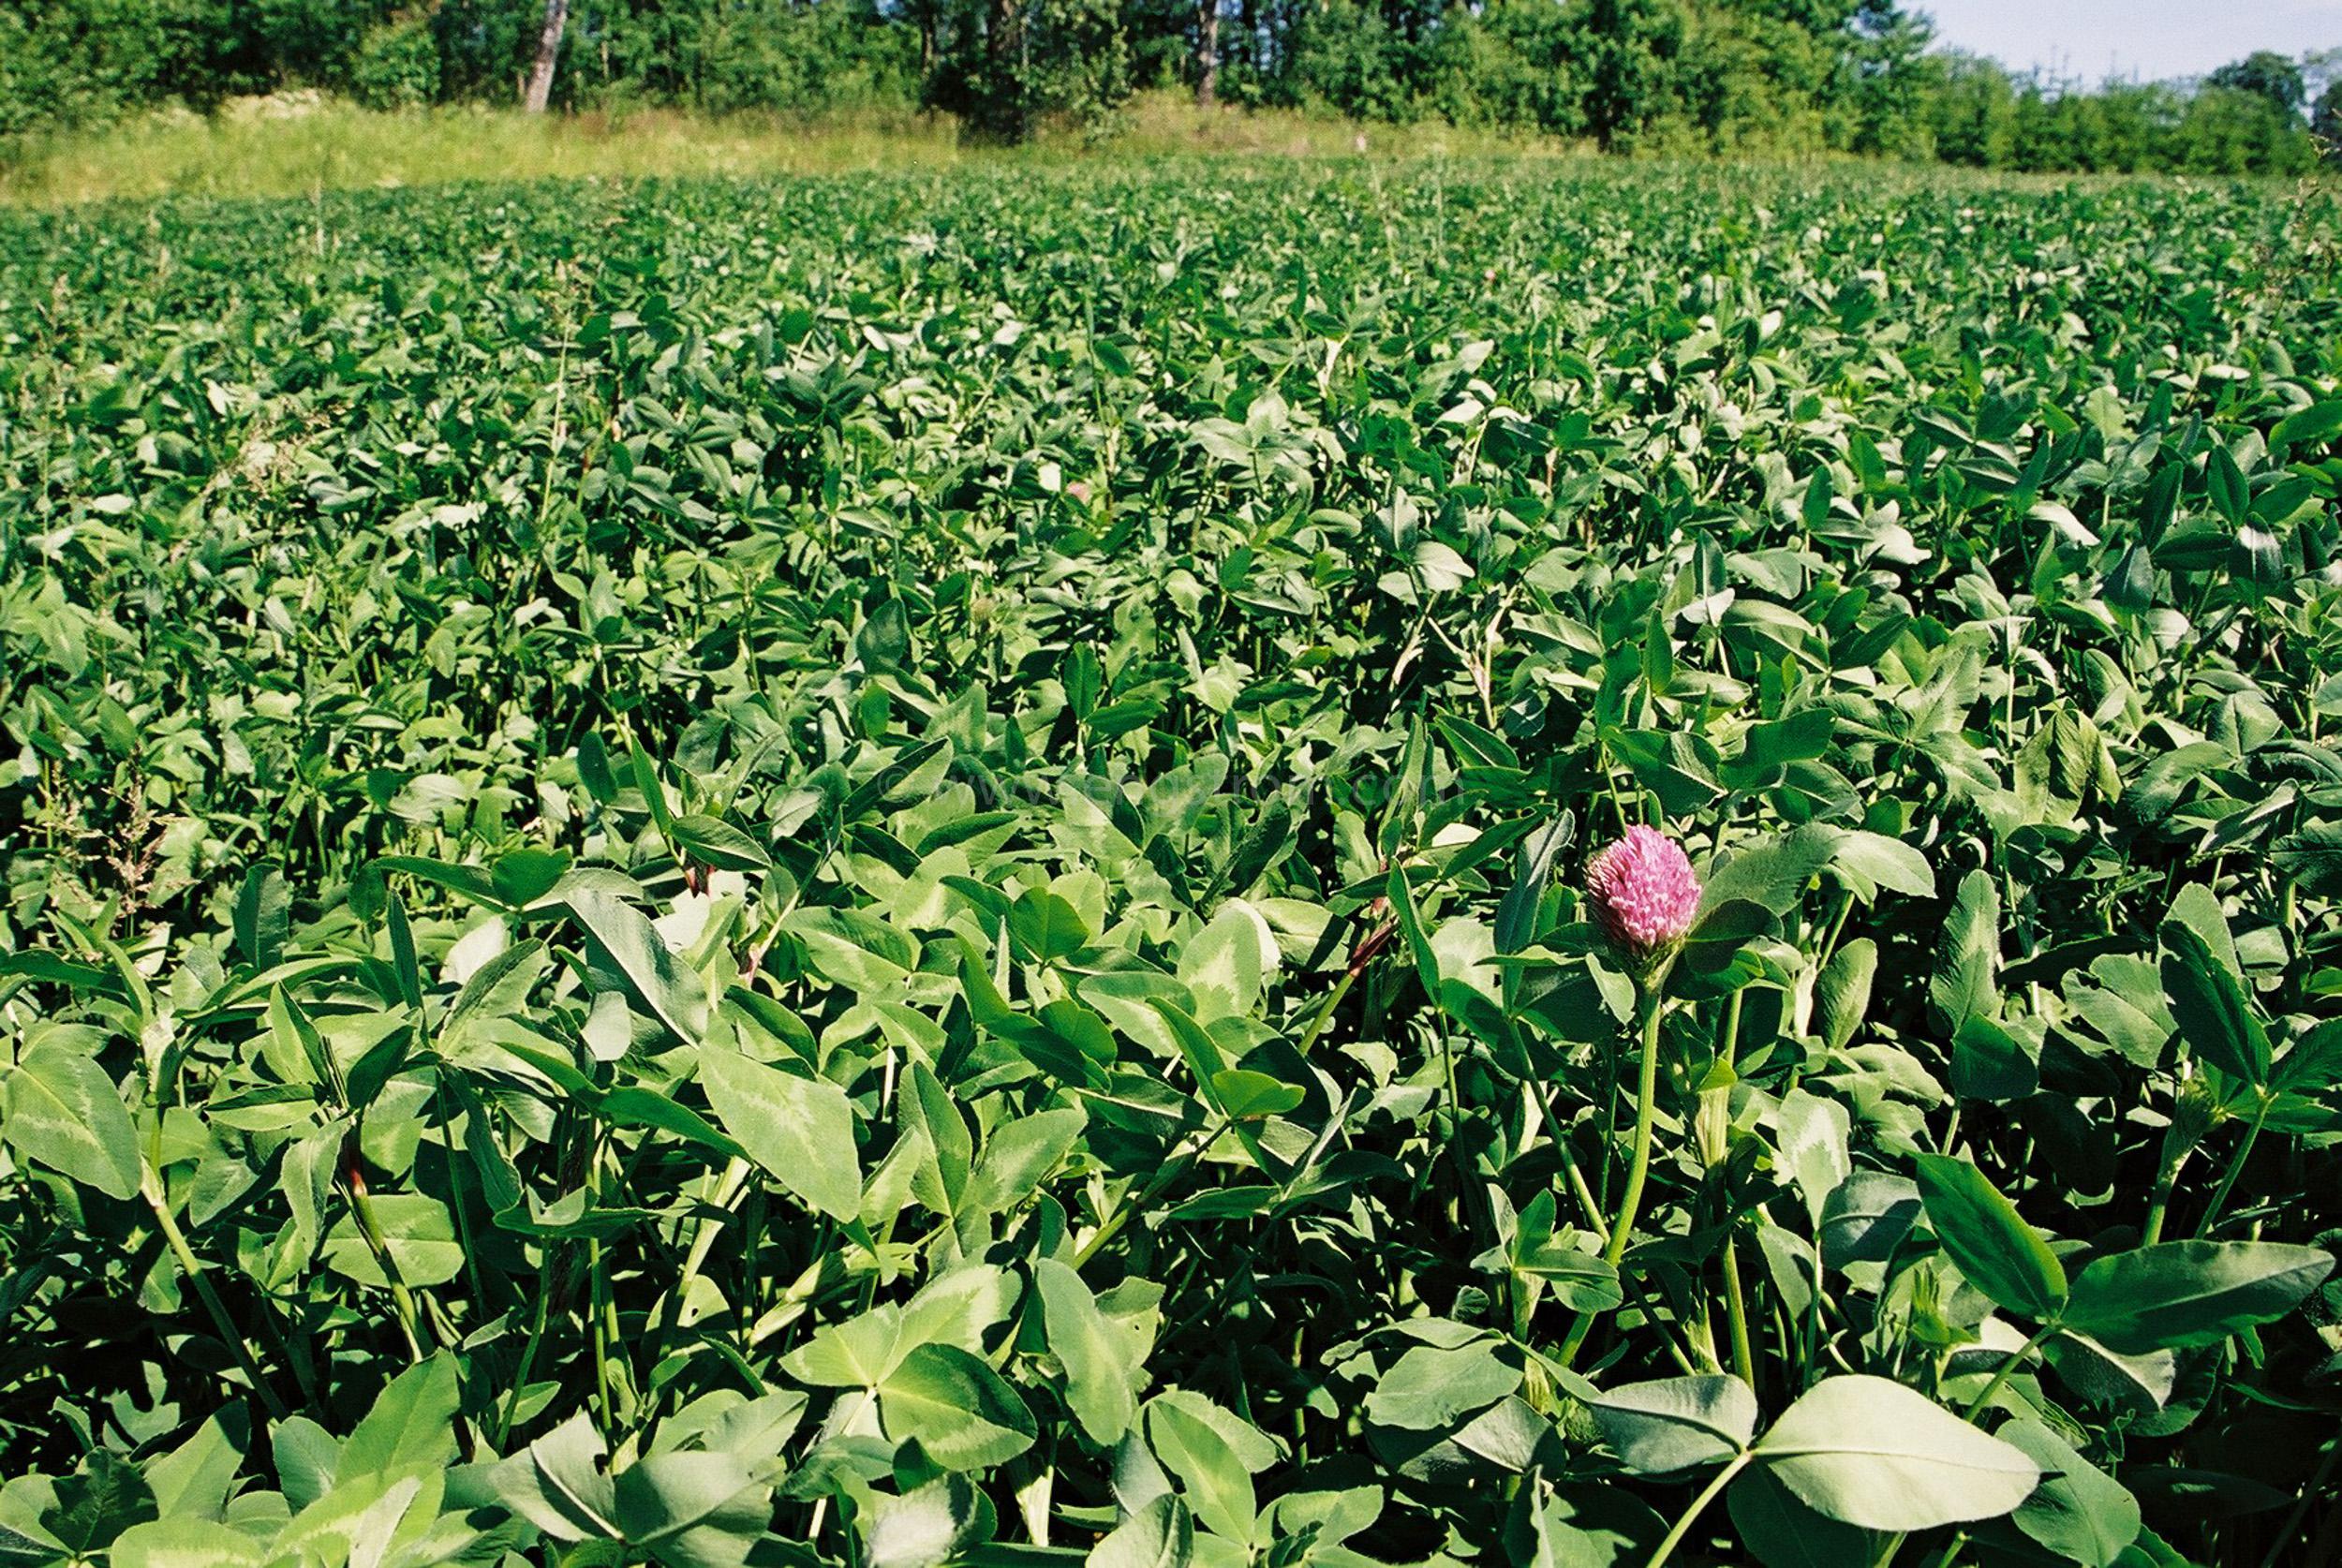 JE0104_03, Åker med rödklöver sommaren 2001, Jonas Engström